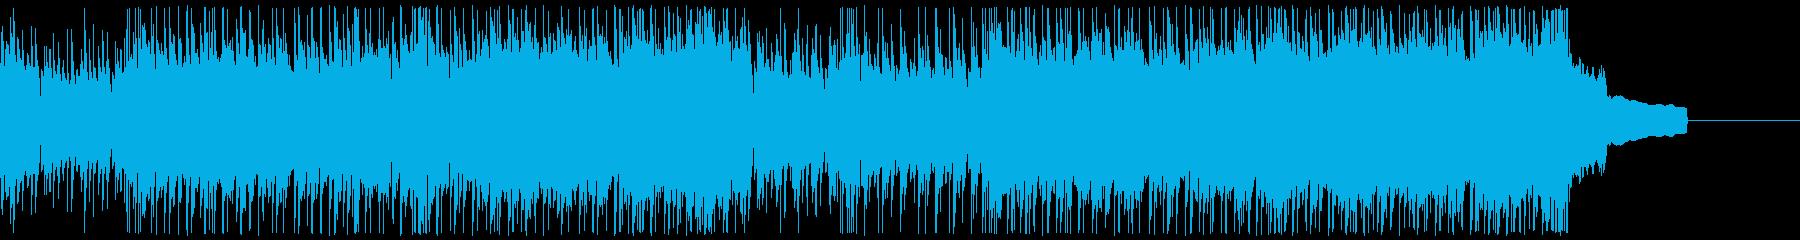 モダンなサウンド、の再生済みの波形